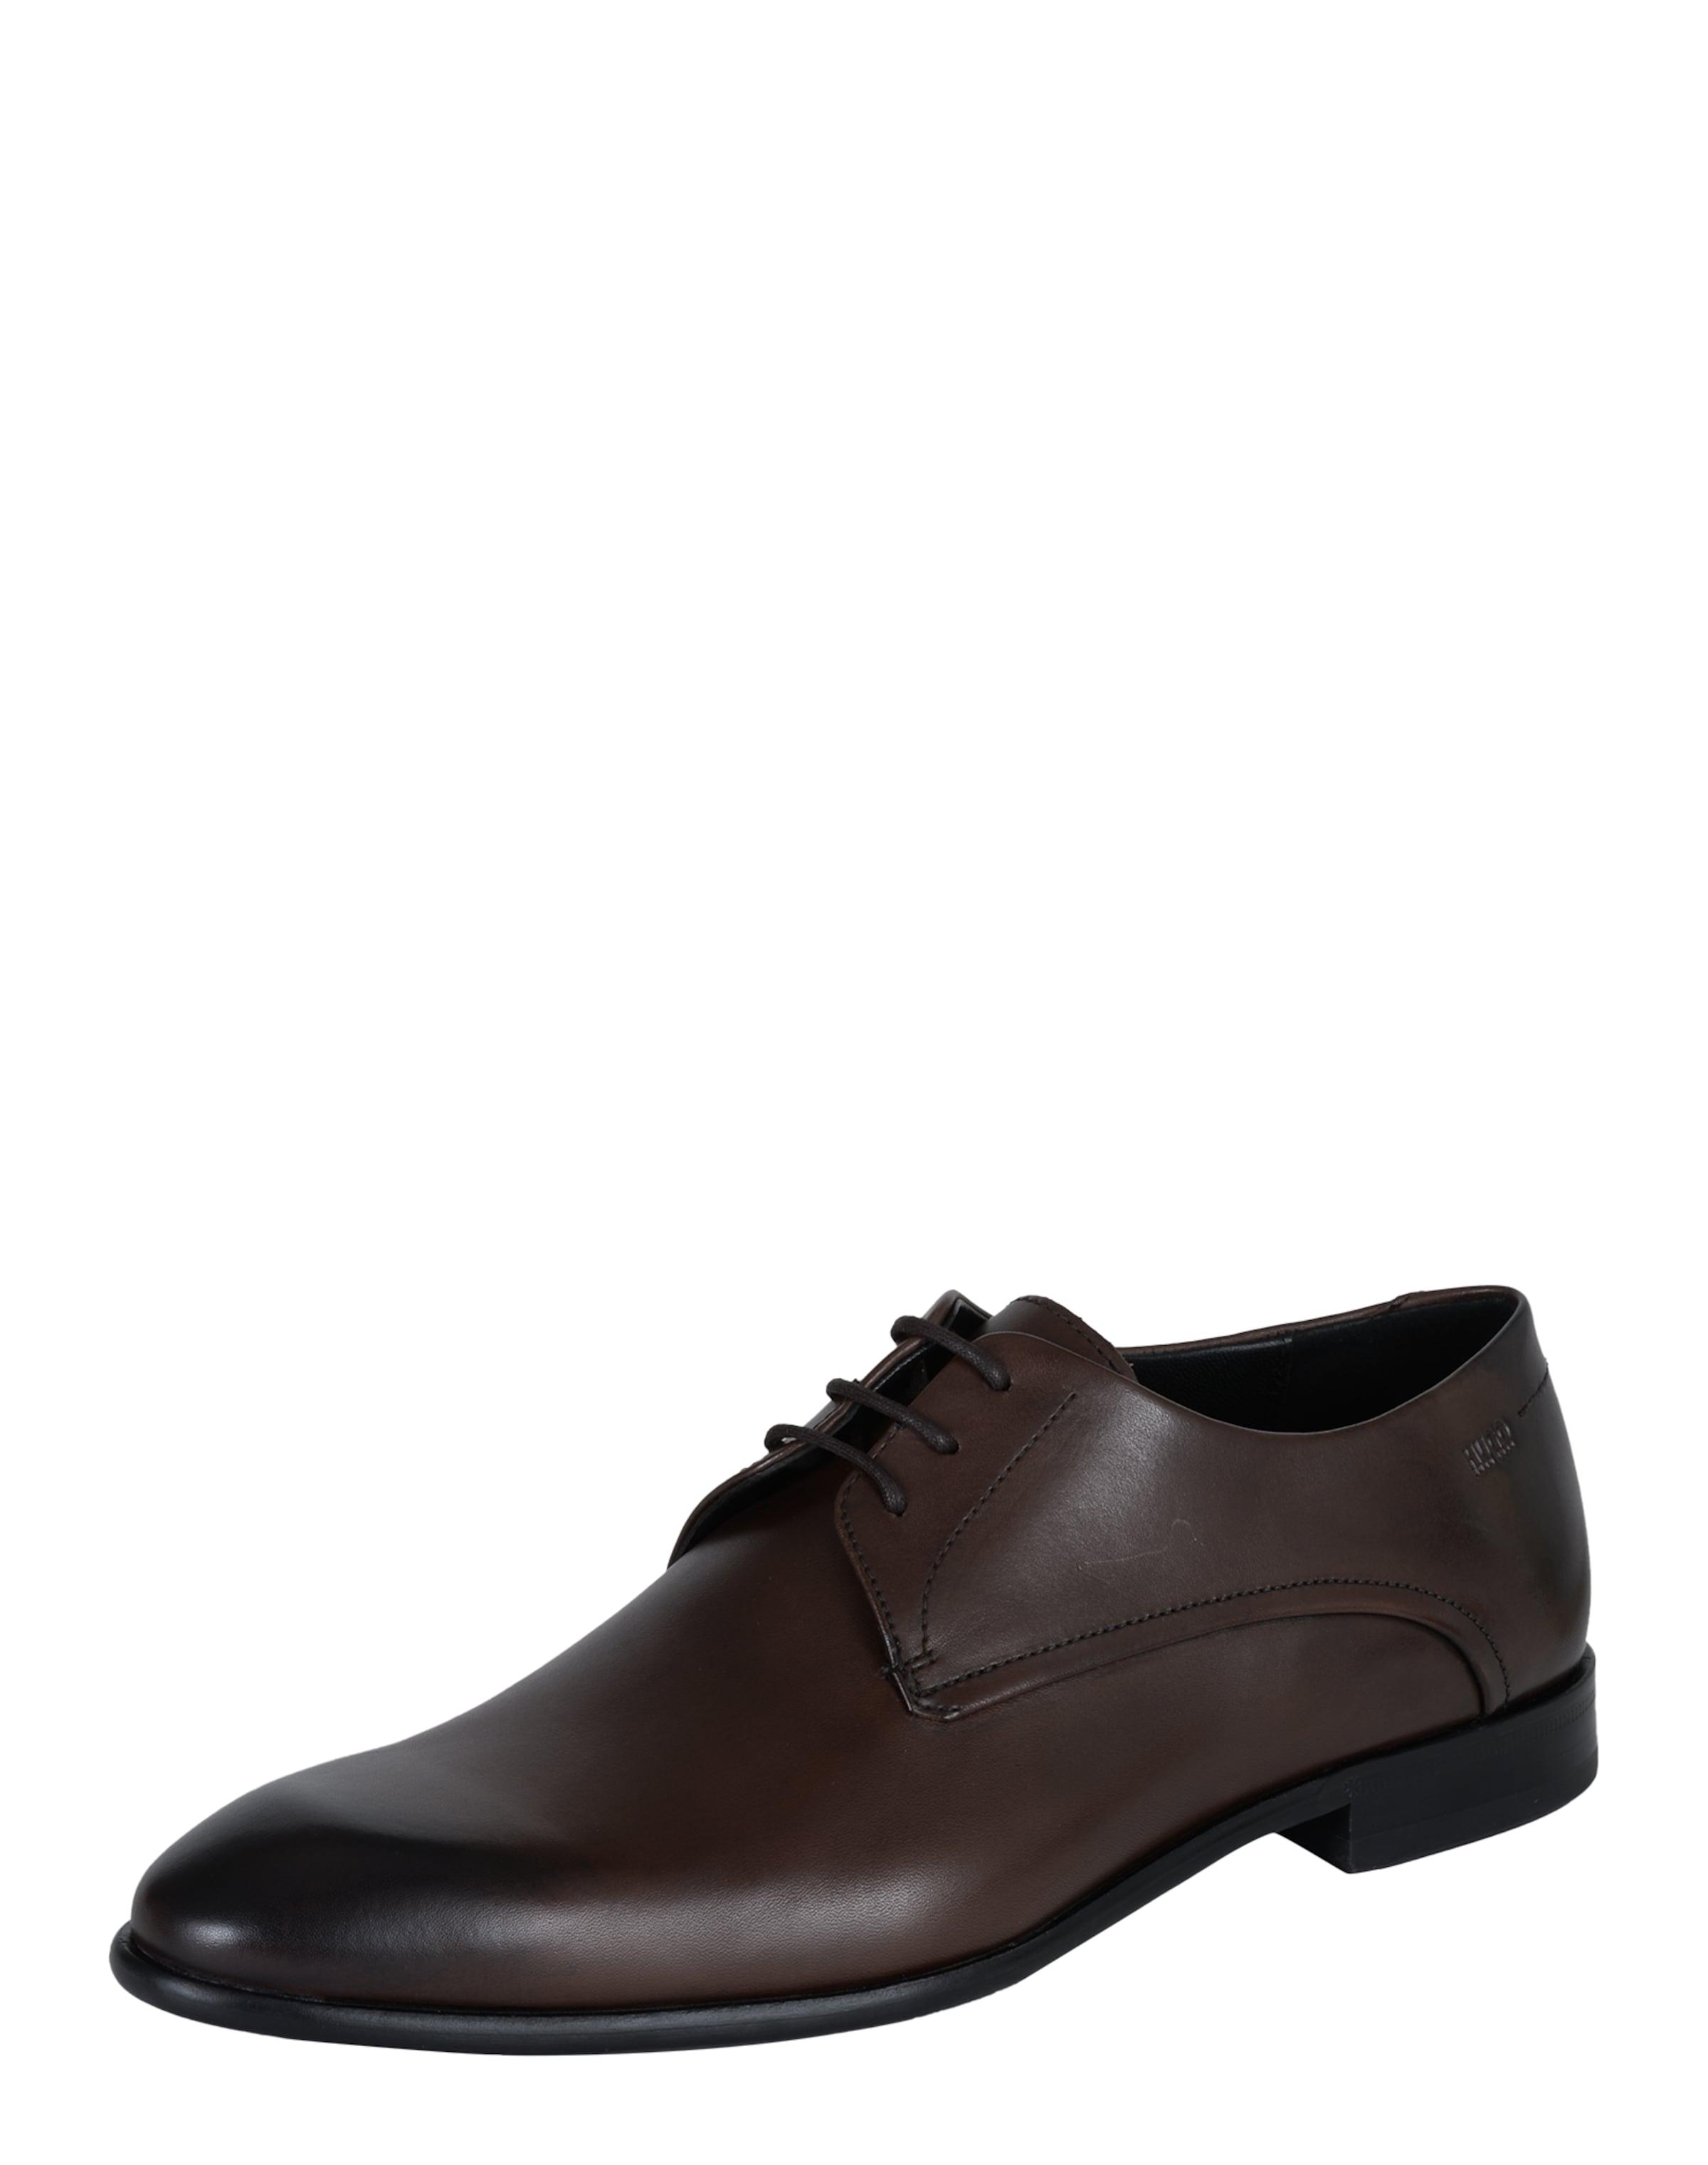 Haltbare Mode billige 'C-Dresios' Schuhe HUGO   Schnürer 'C-Dresios' billige Schuhe Gut getragene Schuhe ab0c59